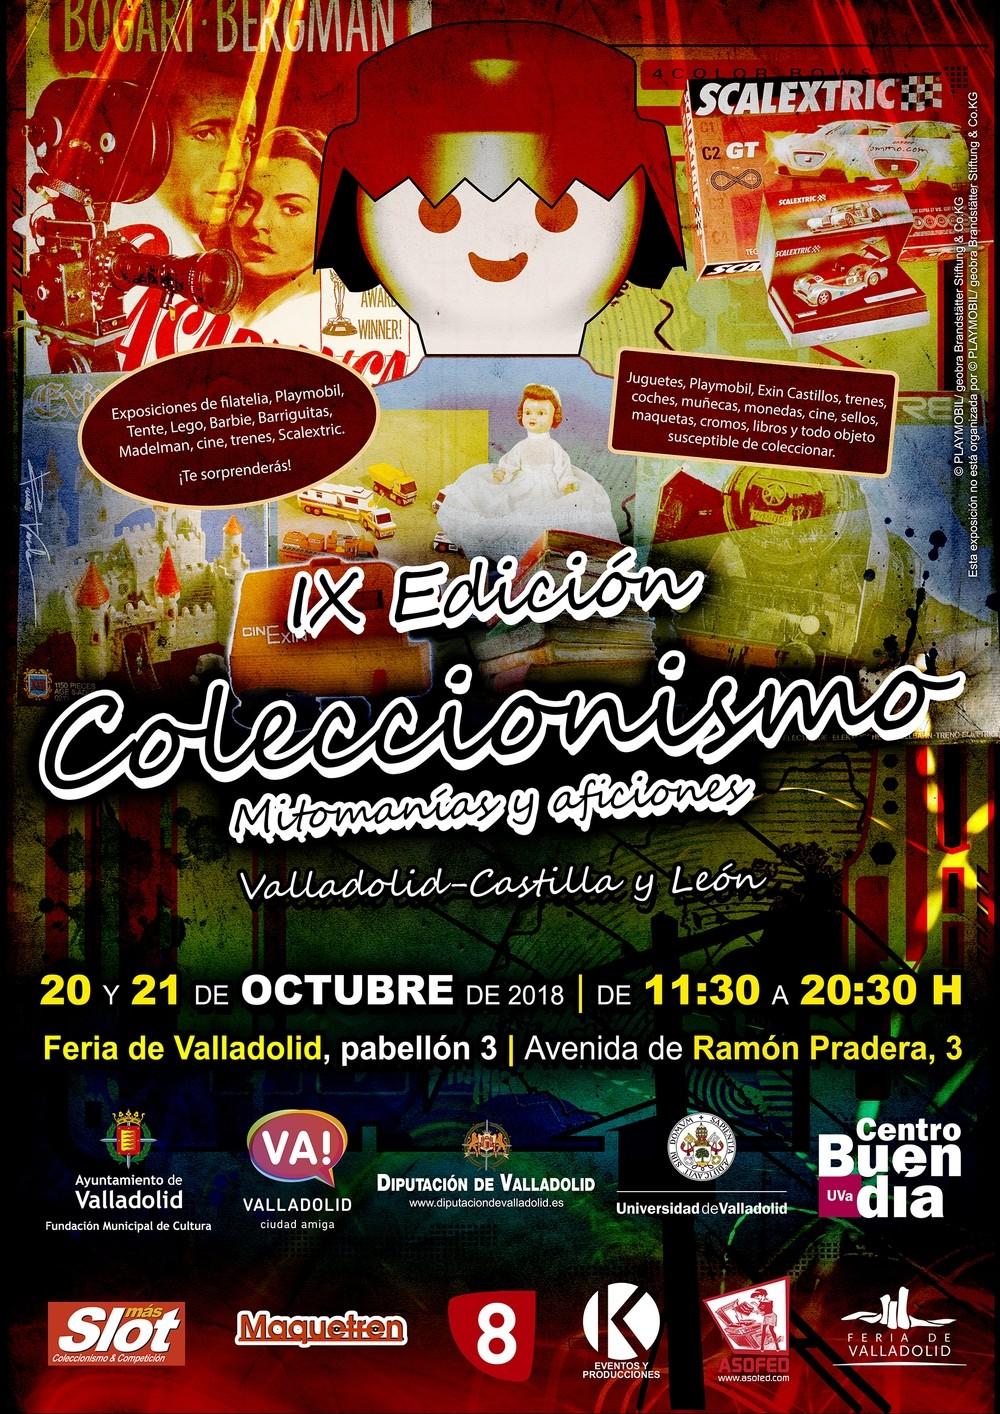 La X Feria del Coleccionismo ofrecerá 500.000 referencias